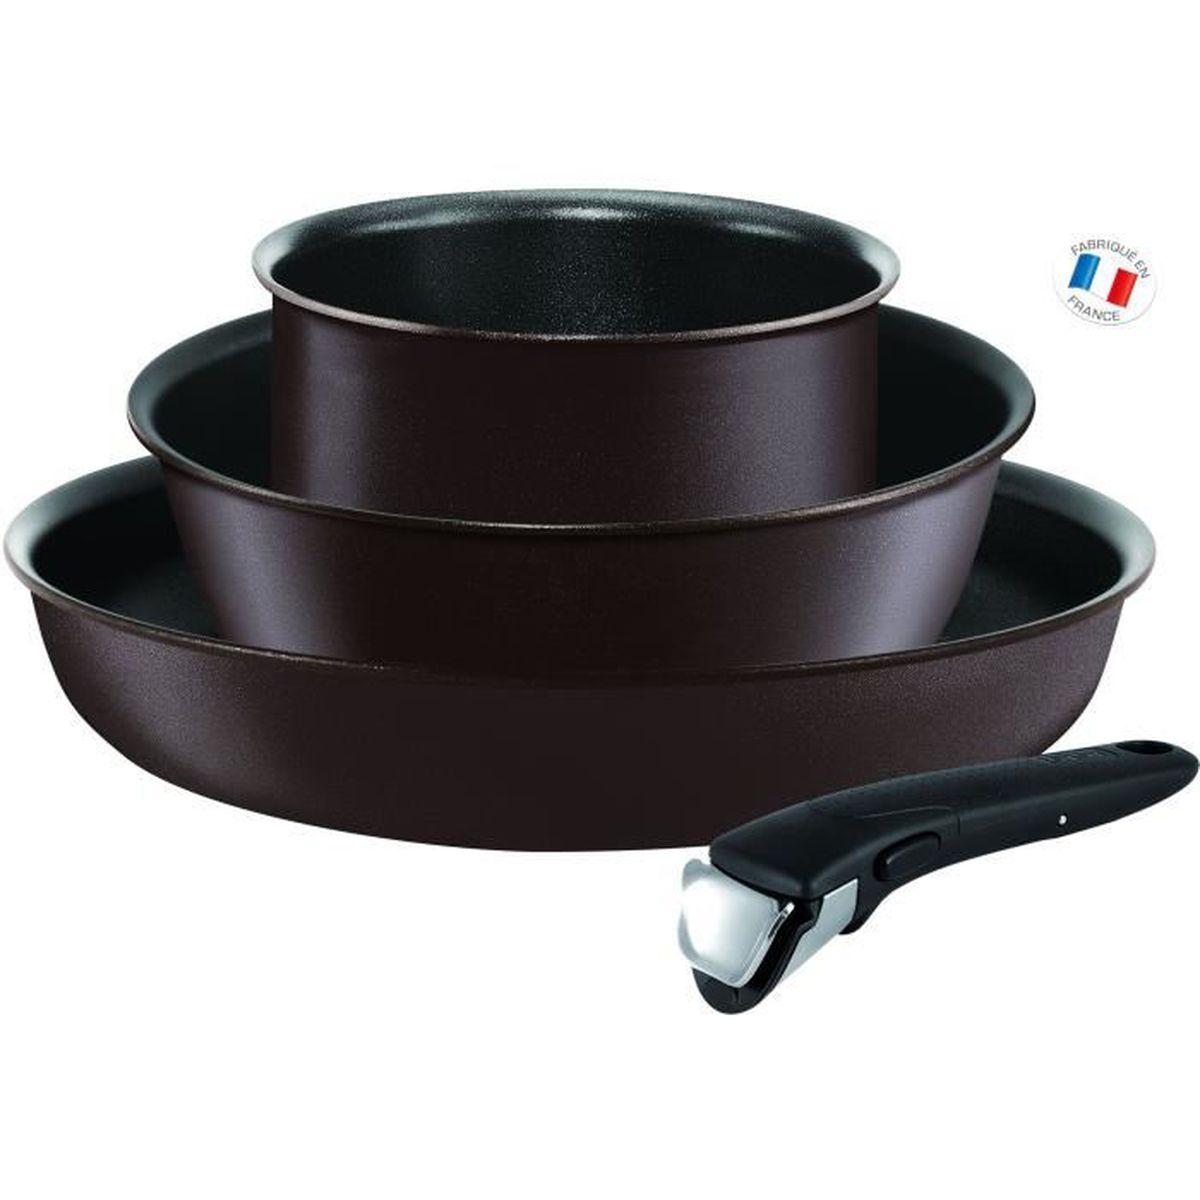 Batterie De Cuisine Gaz tefal ingenio chef batterie de cuisine 4 pièces l6559702 18